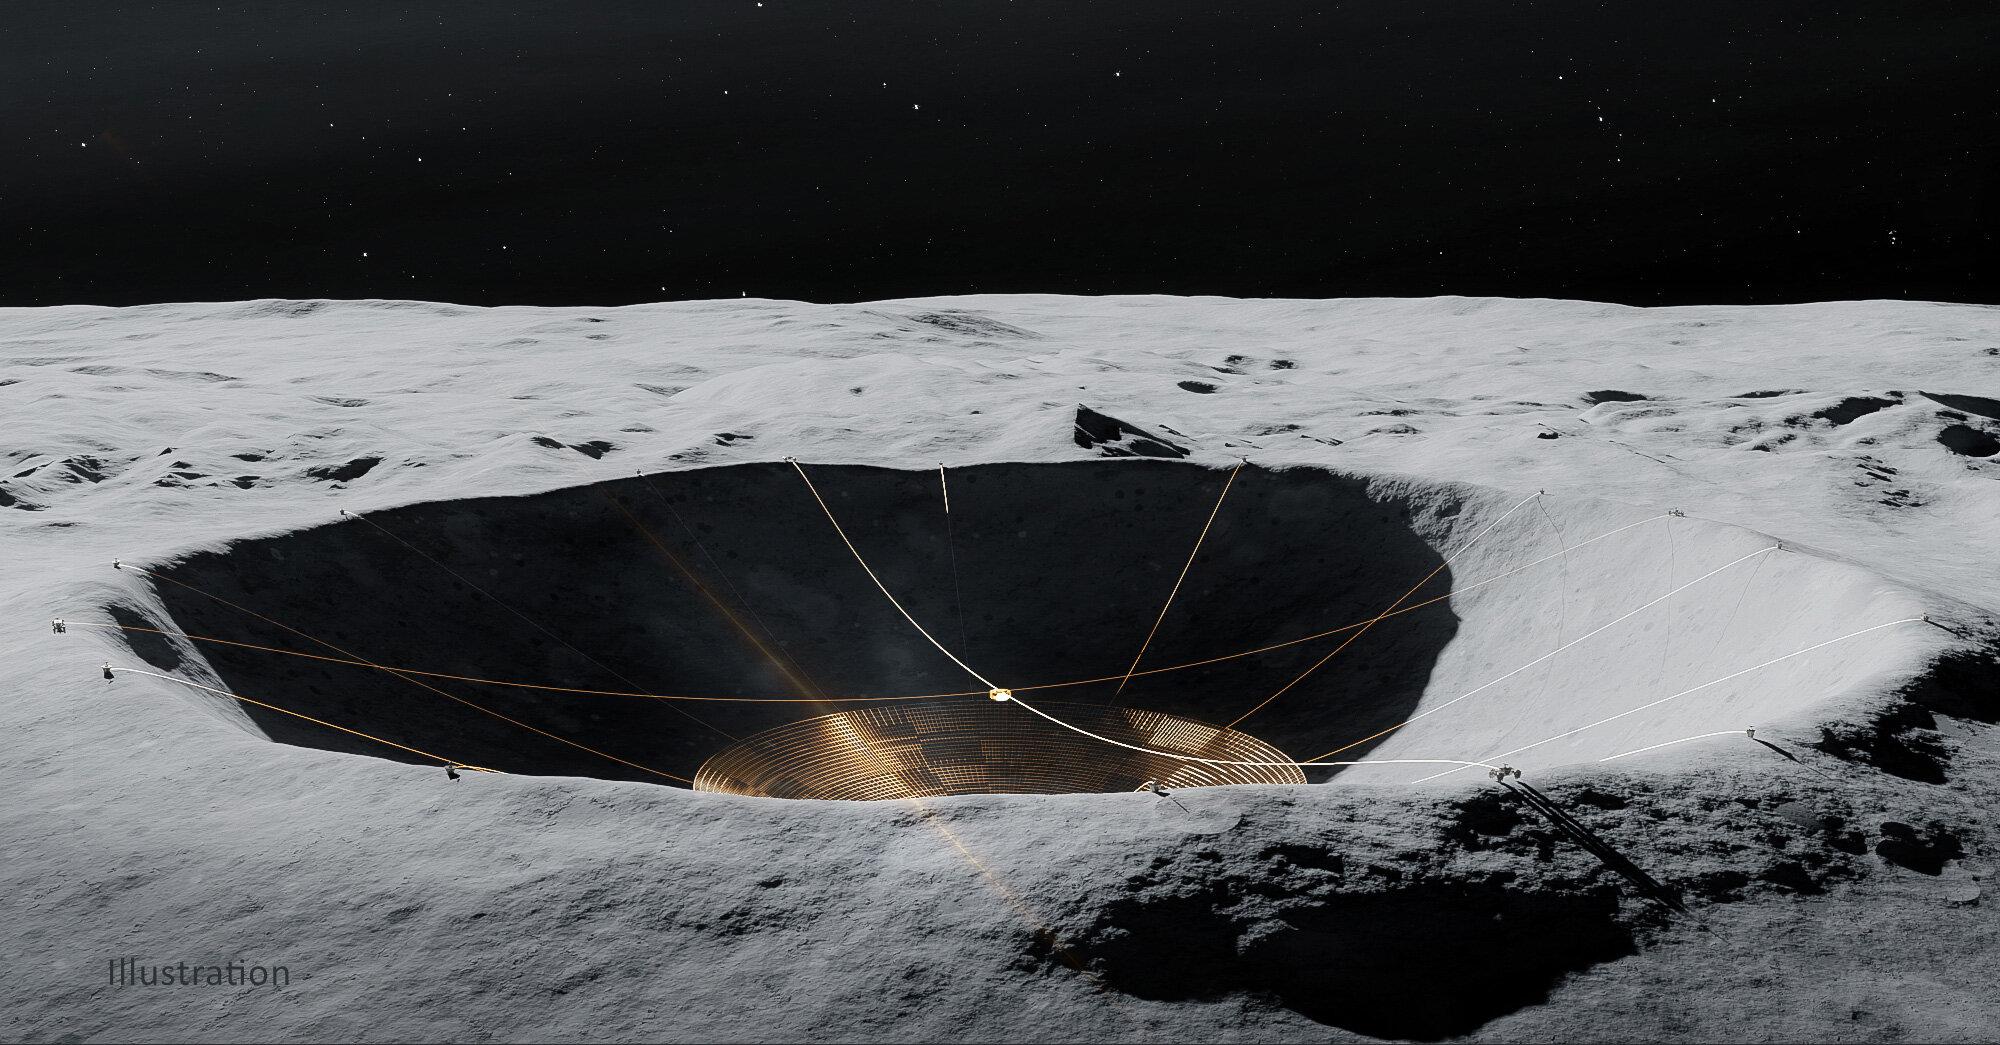 Jak je znázorněno na tomto obrázku, rovery DuAxel mohly ukotvit drátěné pletivo z okraje kráteru. Uznání: Vladimir Vustyansky